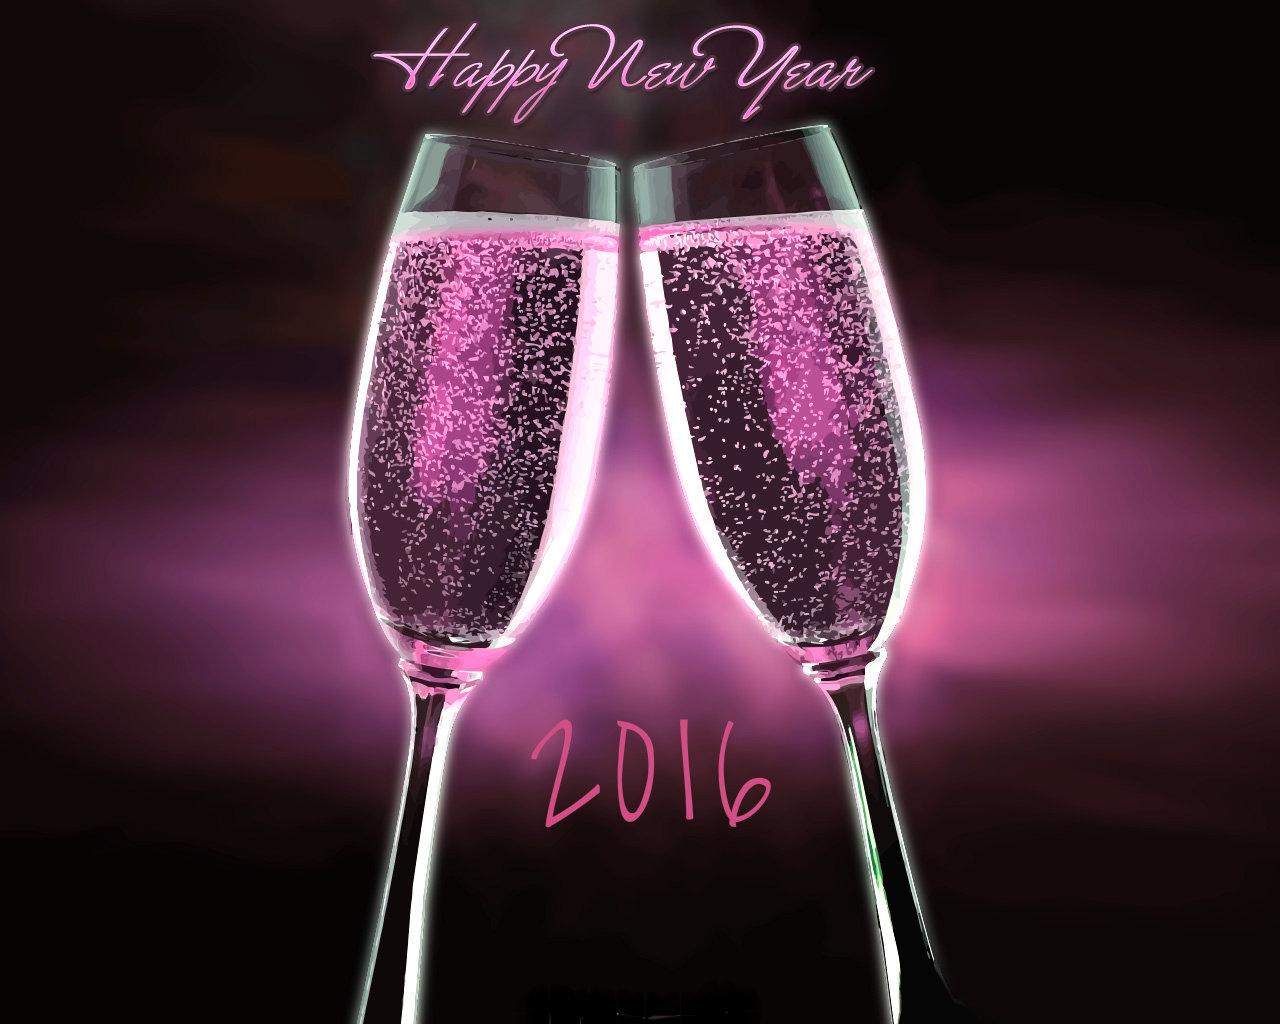 čestitke za novu godinu slike 1280x1024 Pozadine za desktop: Happy New Year 2016, čestitka za  čestitke za novu godinu slike